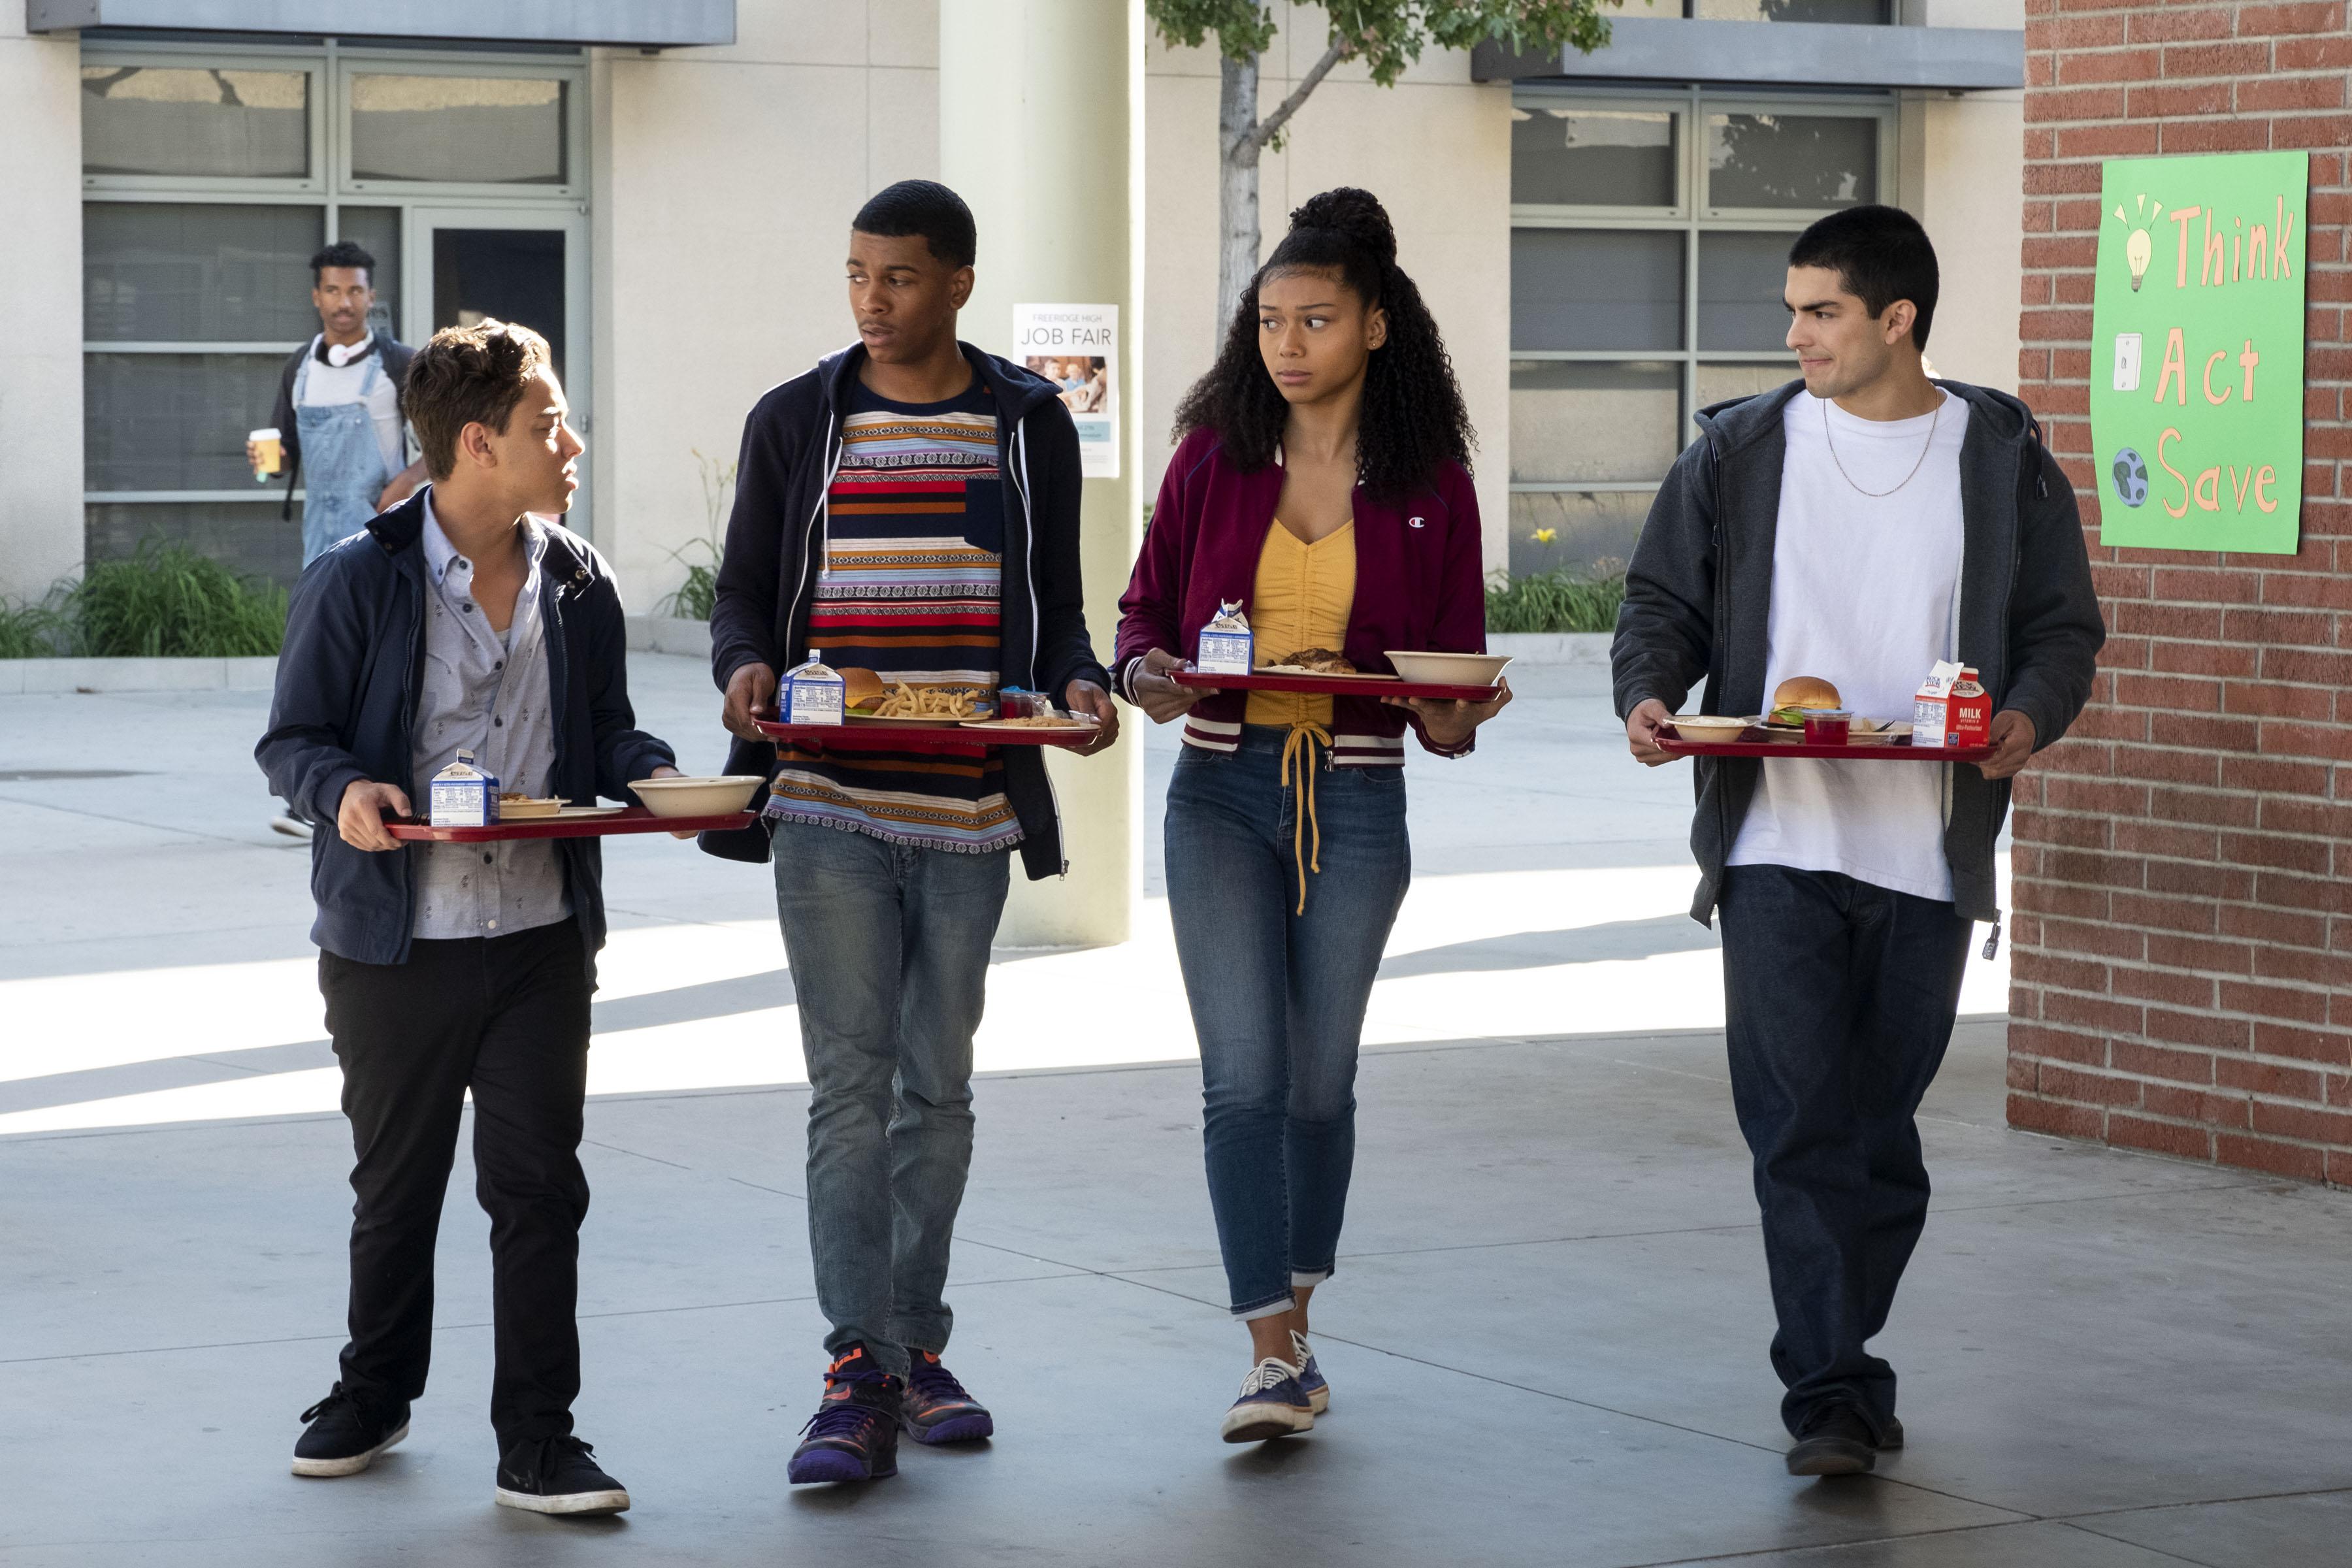 On My Block' Season 3 Renewed: Trailer, Cast, Release Date